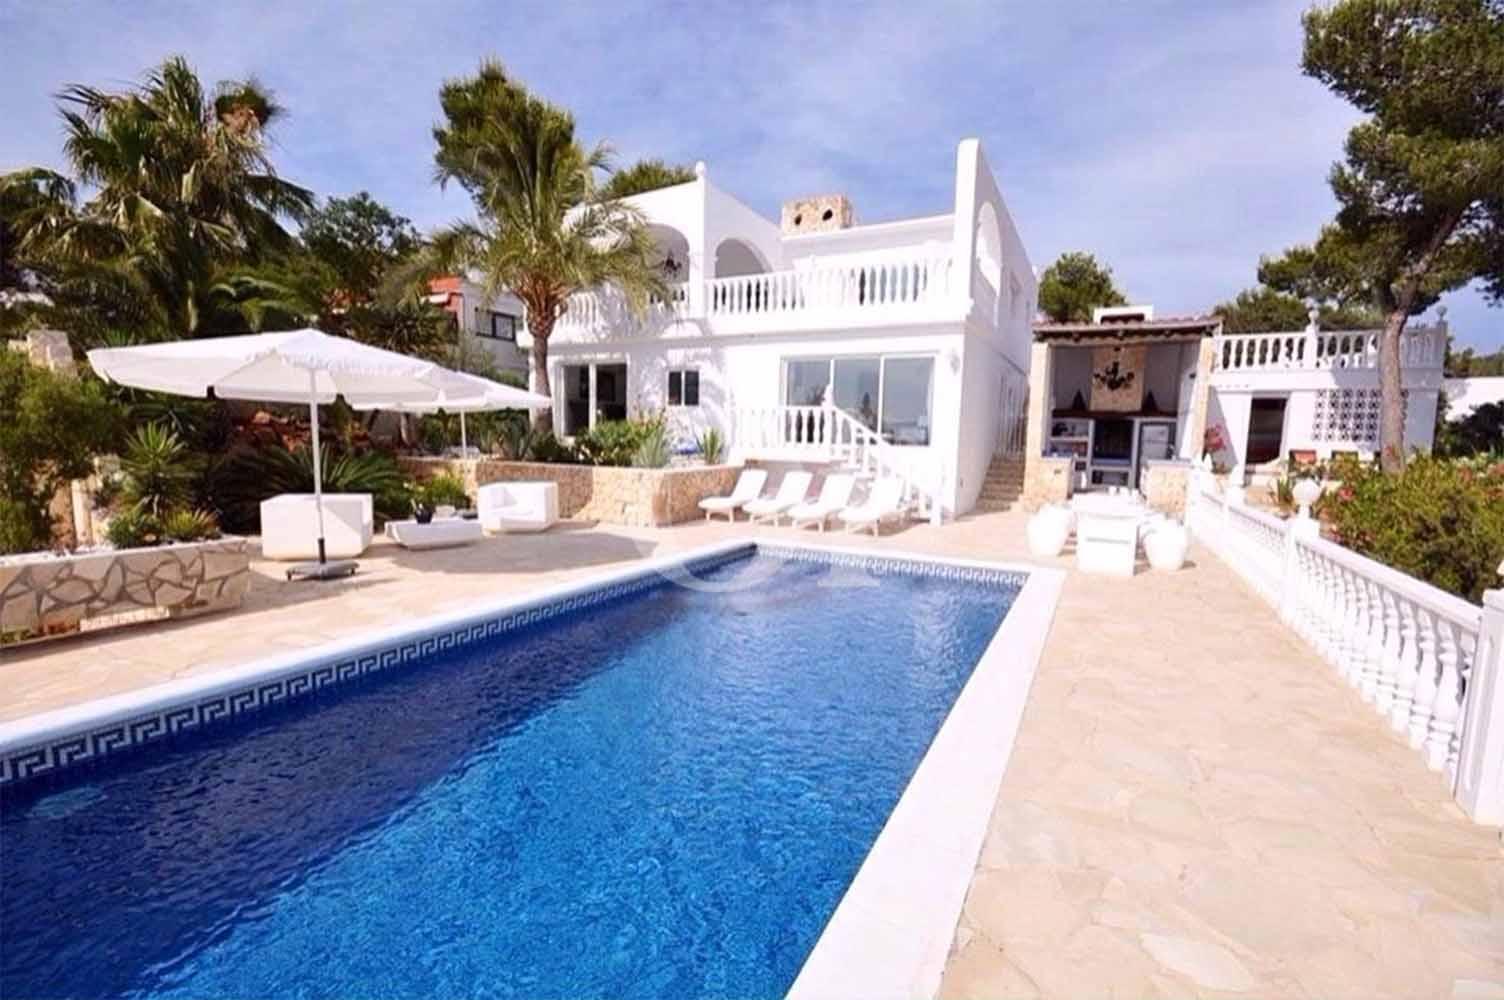 Gran piscina amb hamaques i espai de relax